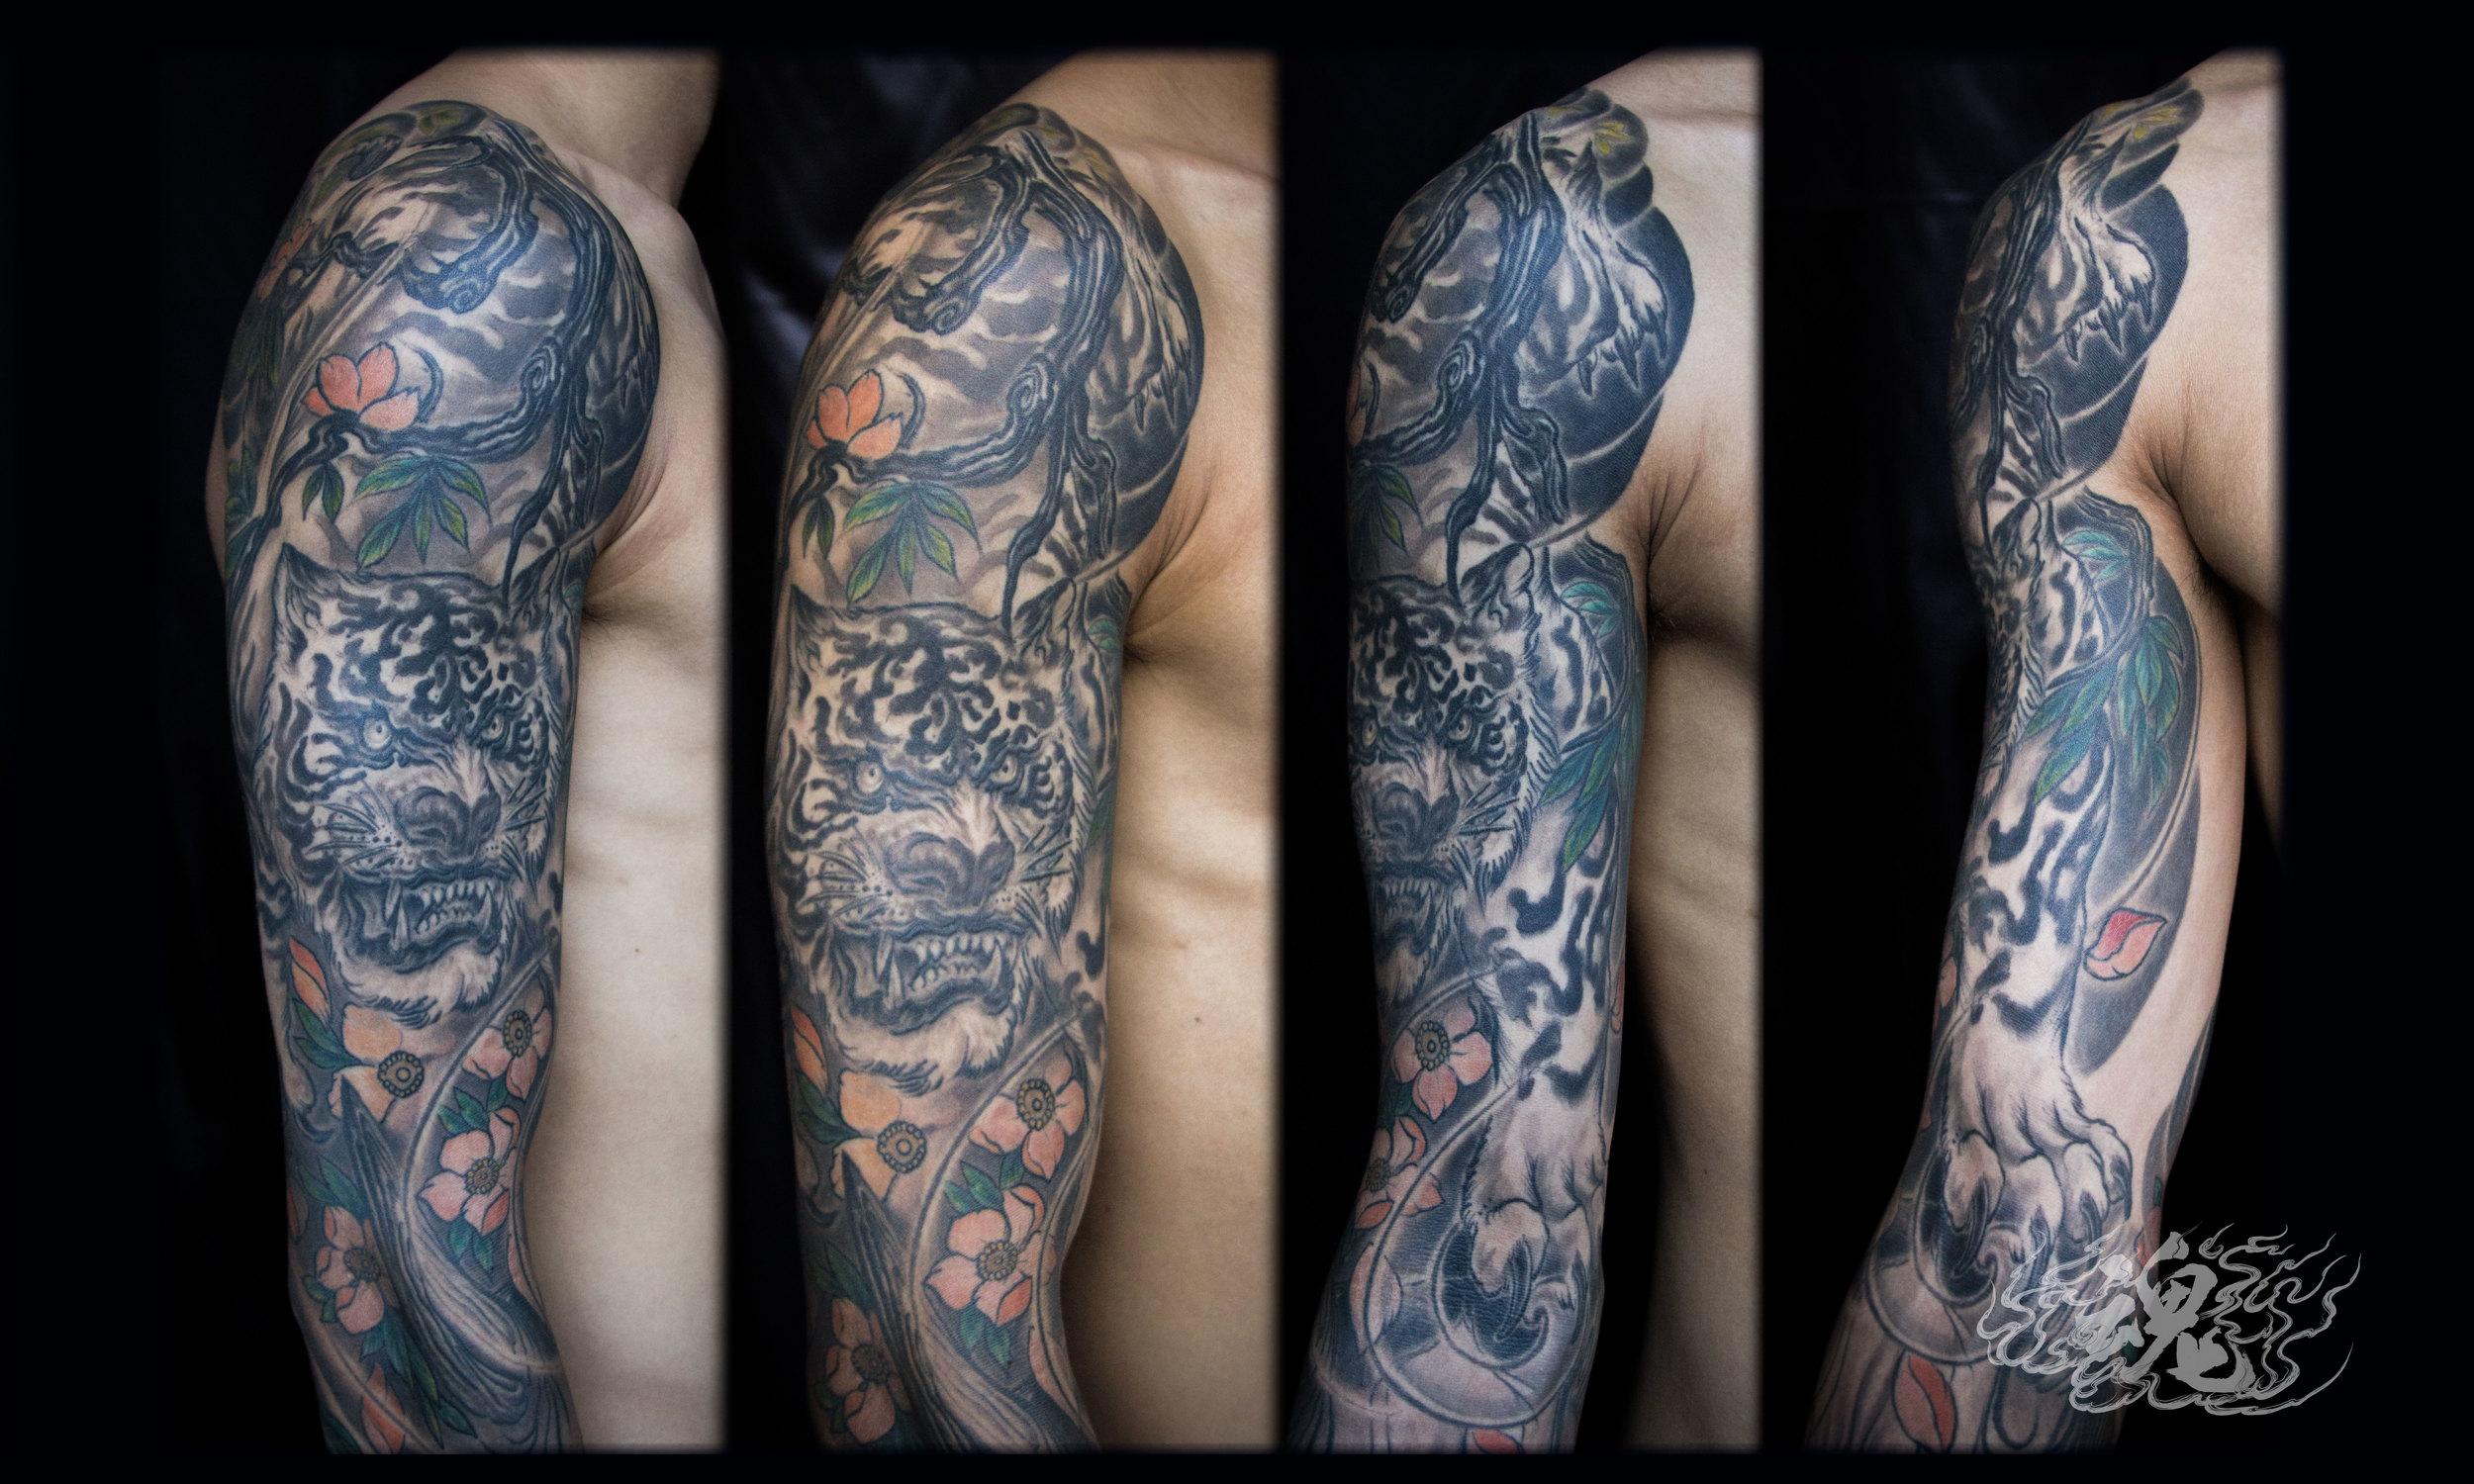 Vagrant_Souls_Tiger_Sleeve_Brooklyn_Tattoo_4.jpg